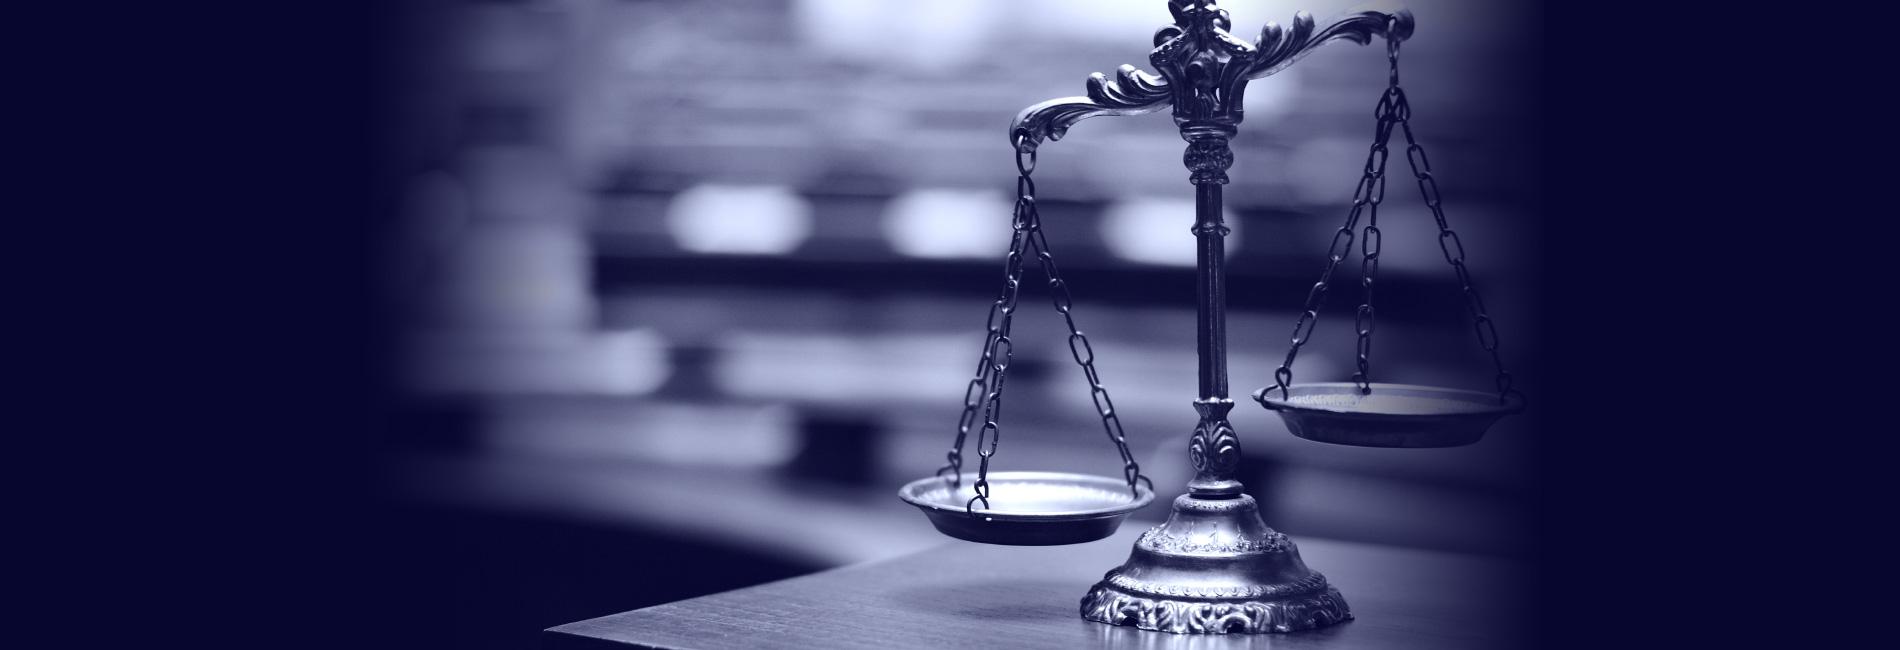 law-bg